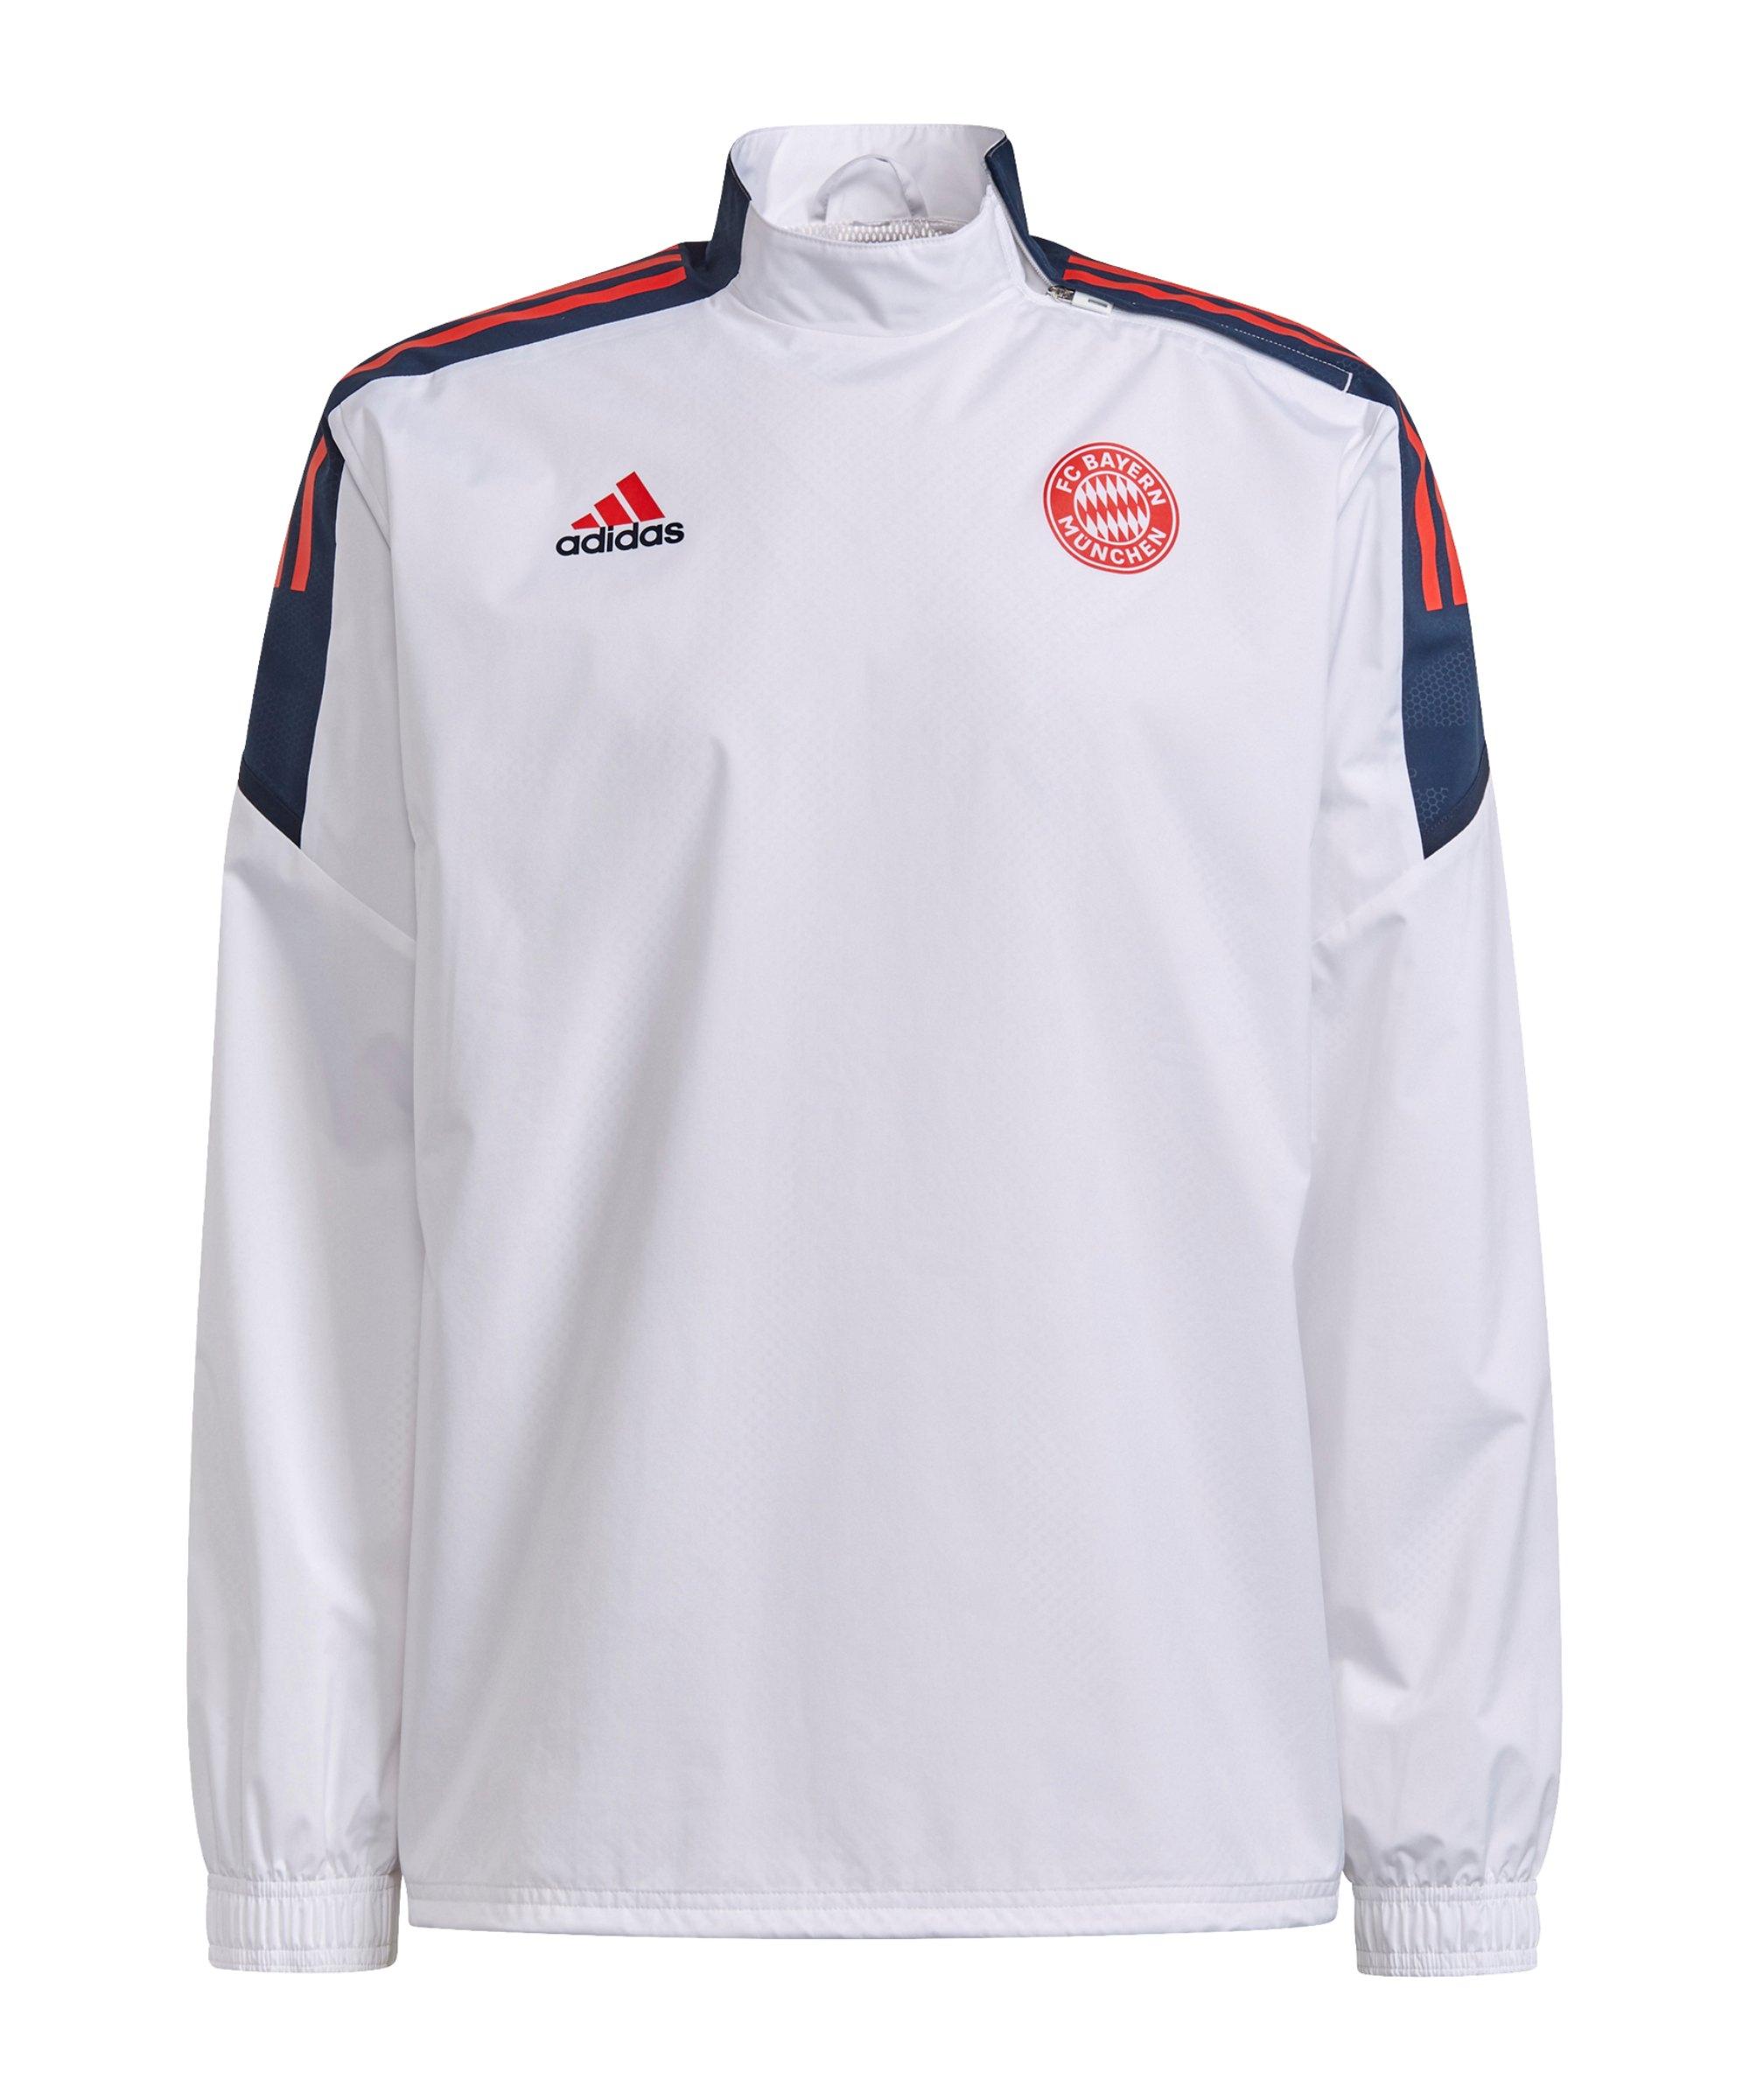 adidas FC Bayern München Sweatshirt Weiss - weiss